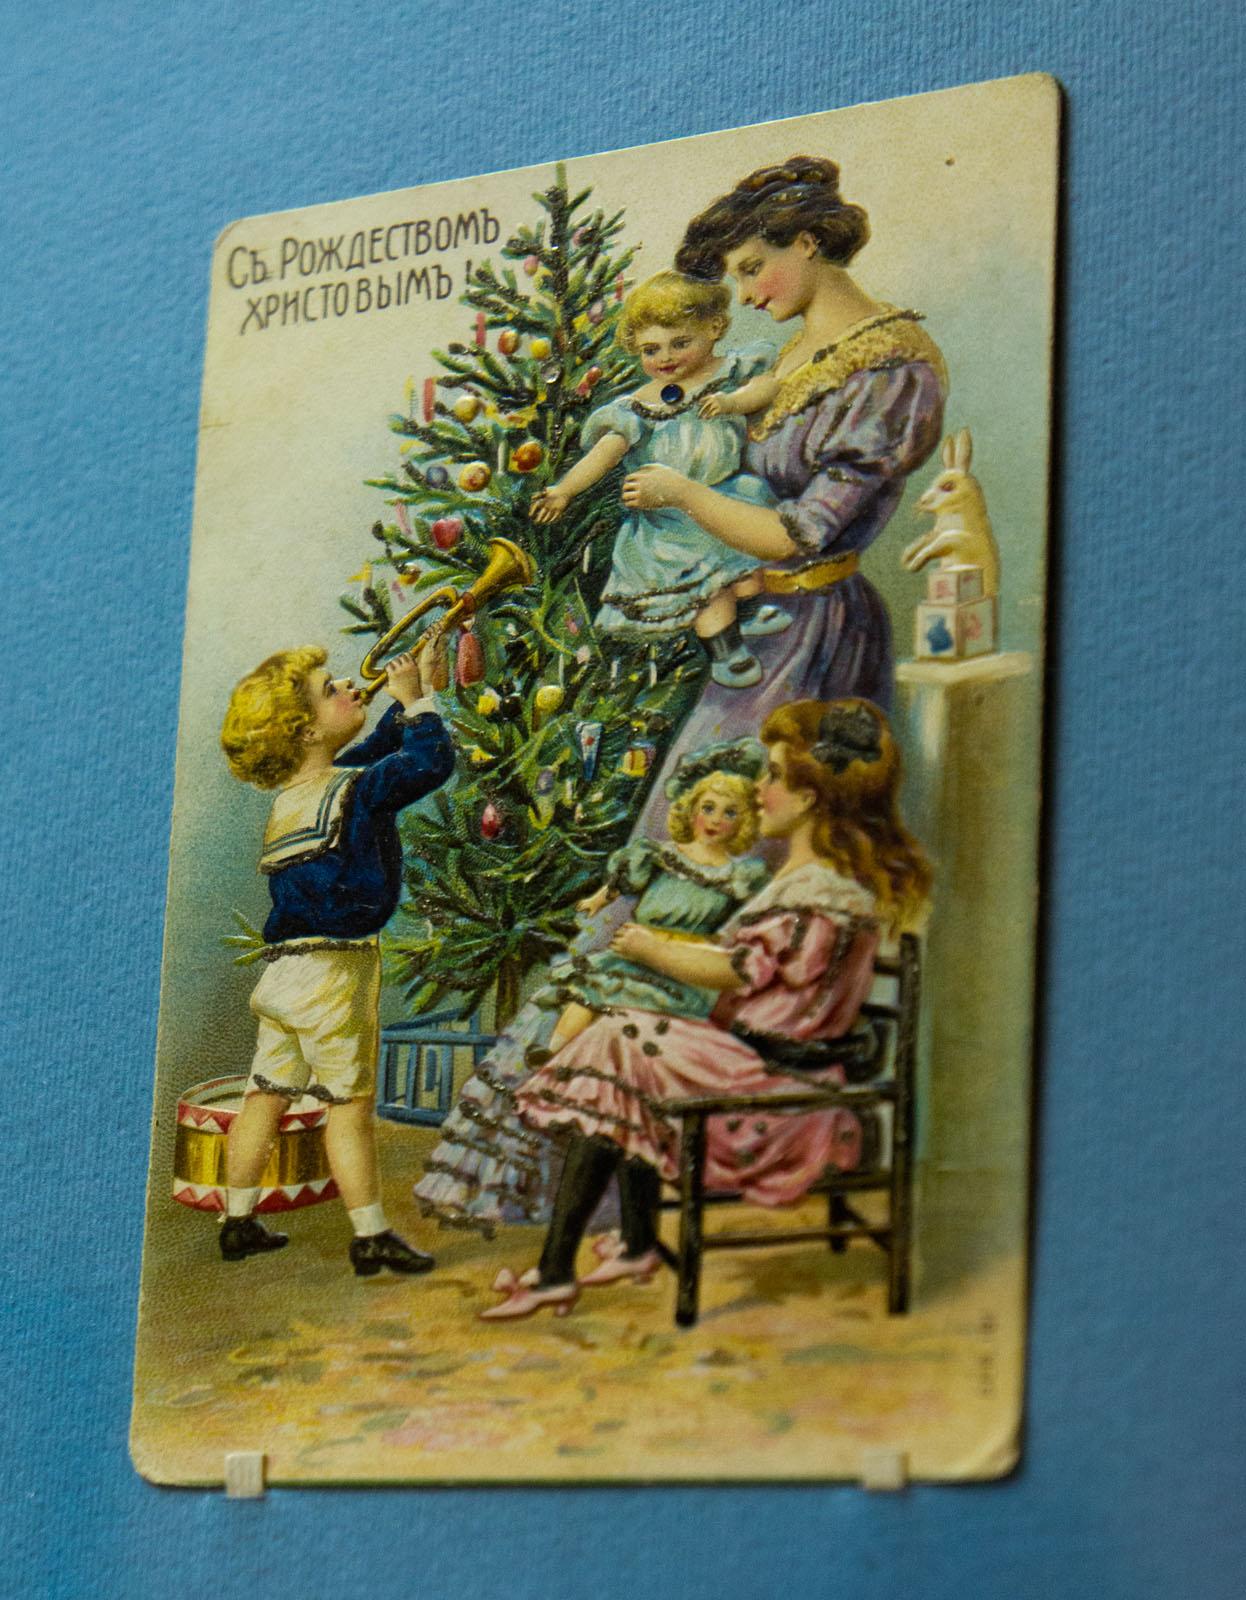 классического платья-футляра старые новогодние открытки царских времен деле